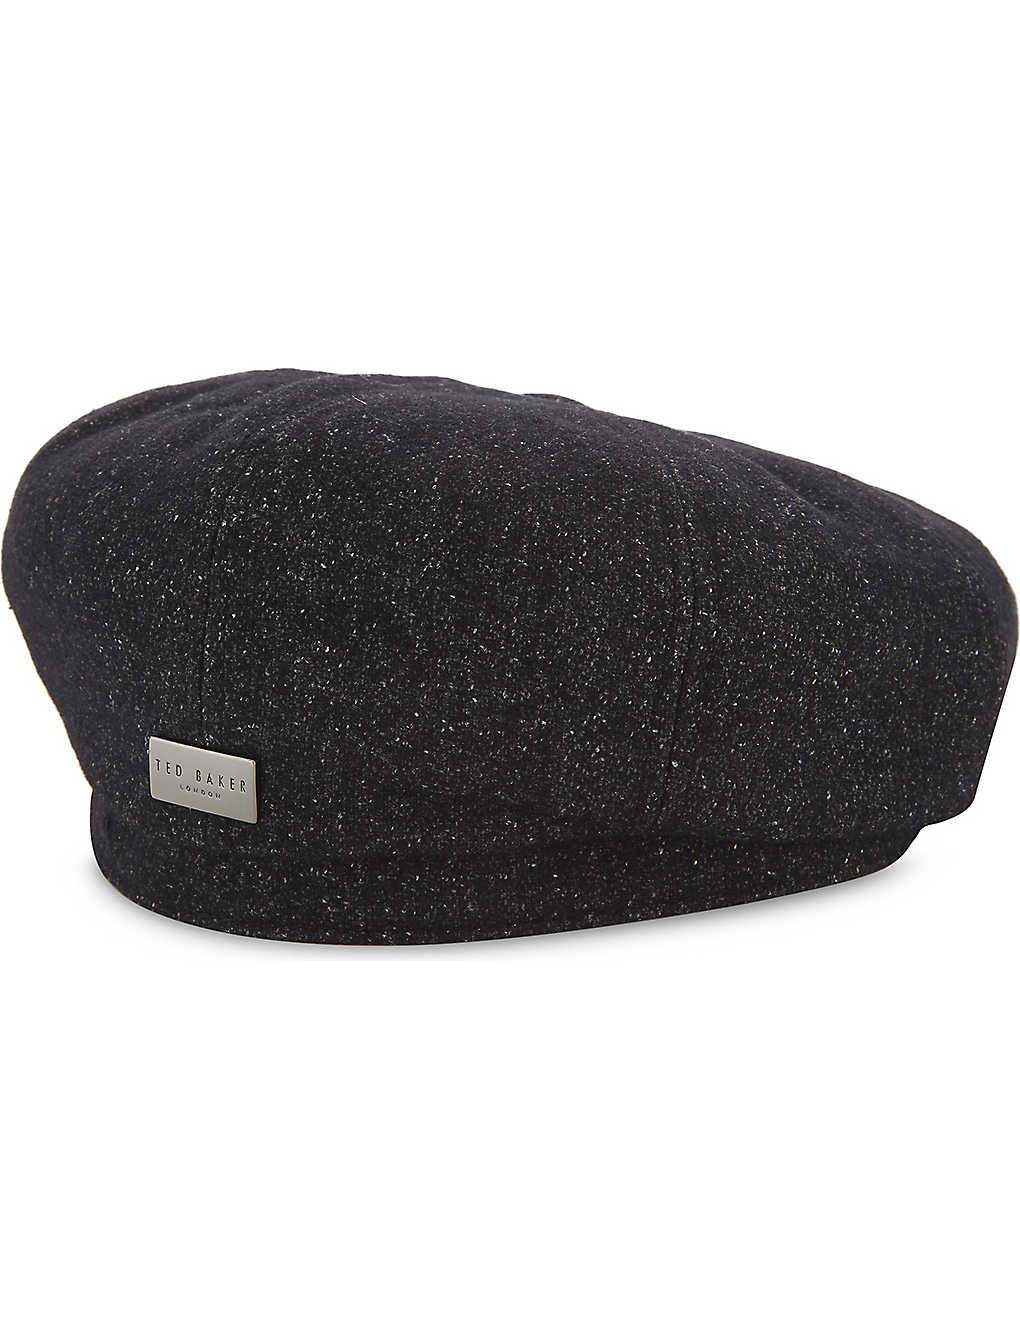 5db32a52f89d TED BAKER - Baker boy wool-blend cap